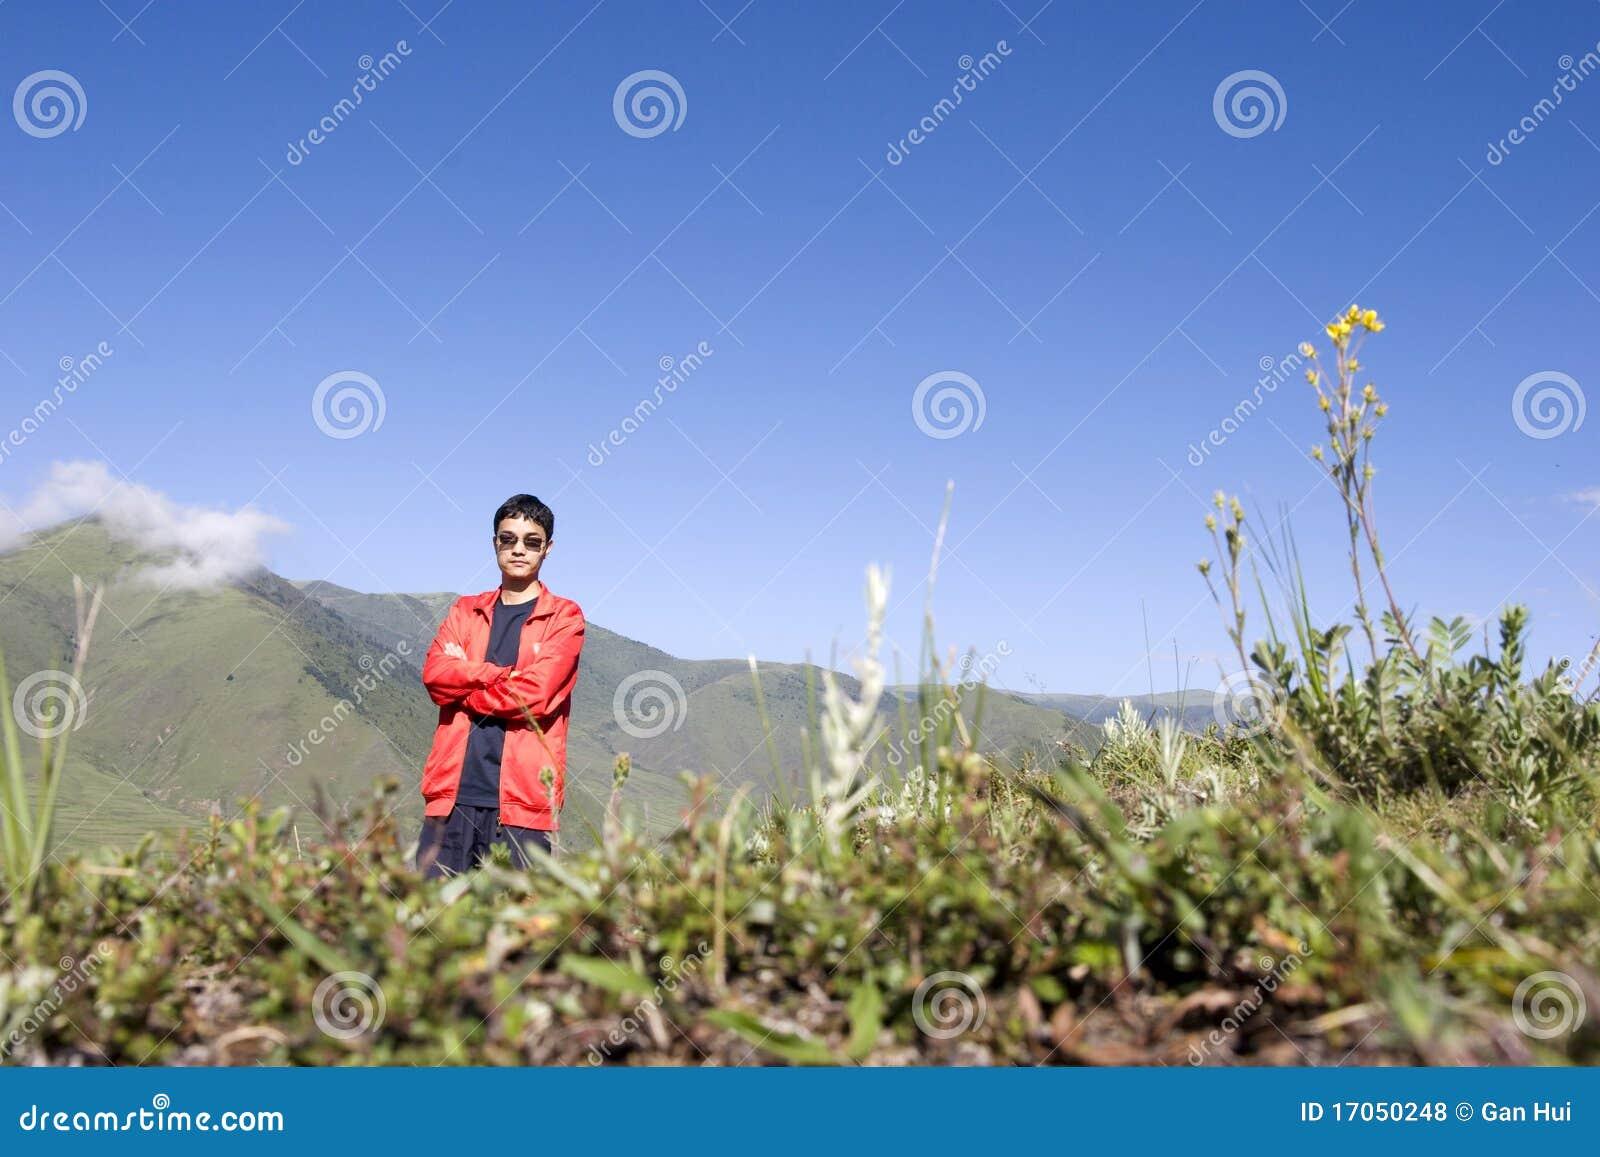 homem-bonito-na-natureza-17050248.jpg